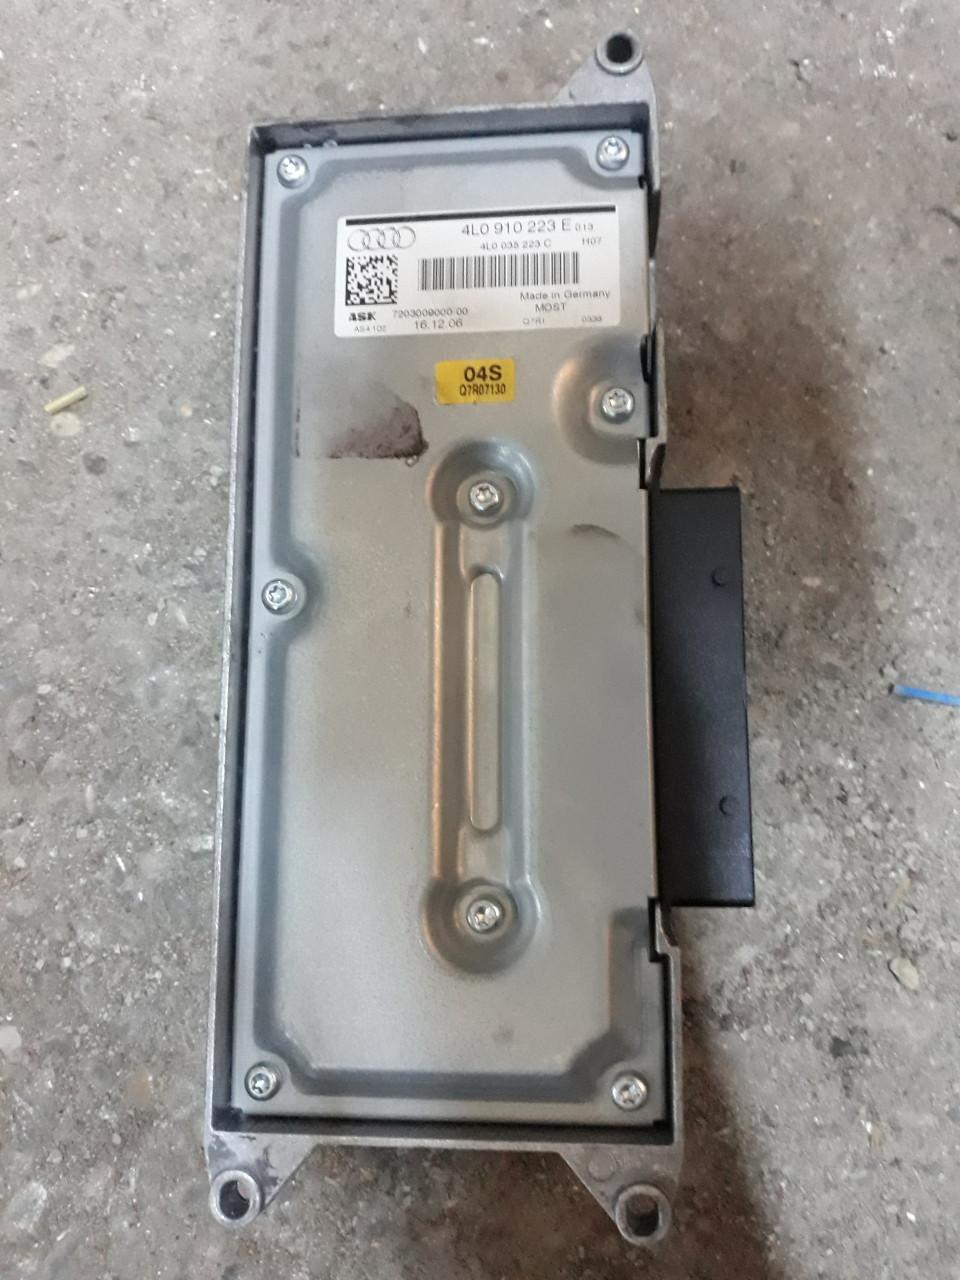 Amplificator auto AUDI Q7 (4L) 2006-2018 4L0910223E